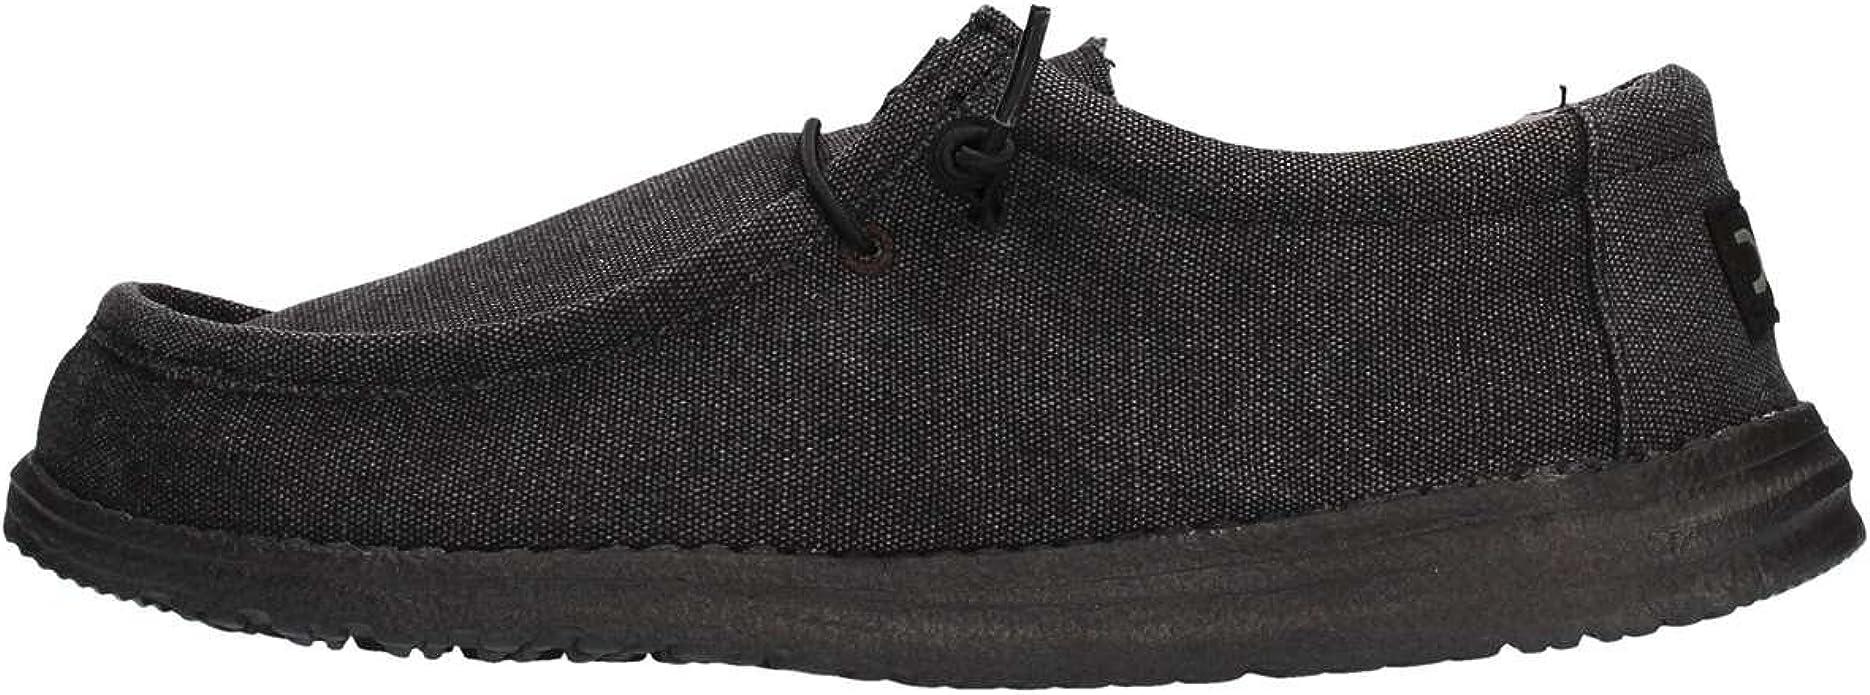 Wally Clásico Negro Azabache Dude Shoes Hombres UK12 / EU46